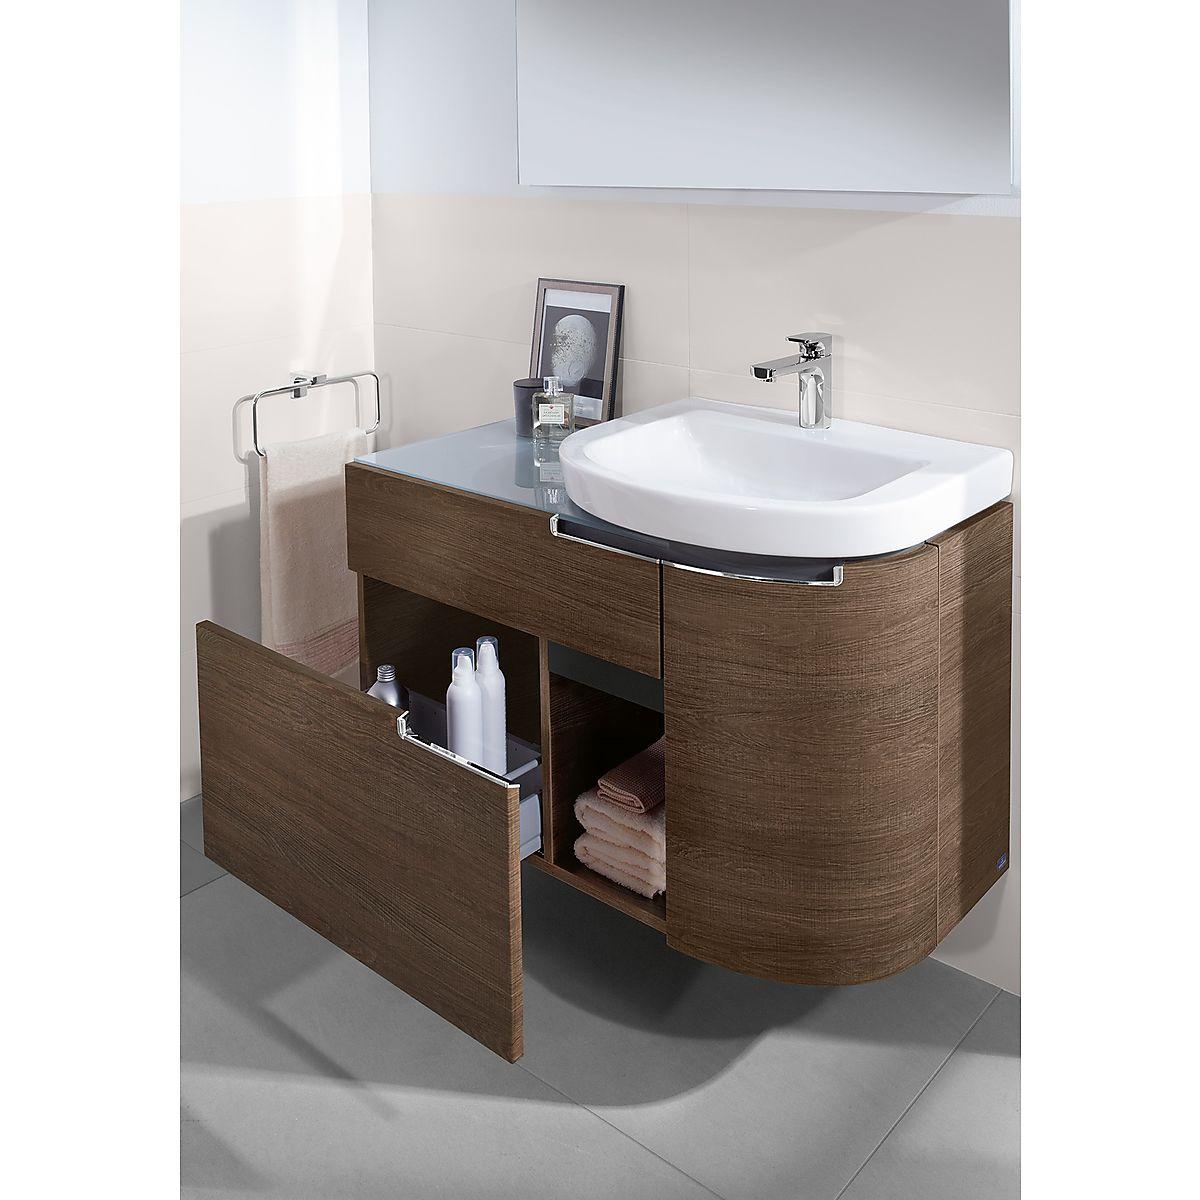 v b subway 2 0 xxl servantskap h yre 989x590 mm terra matt s lvgr matt kr. Black Bedroom Furniture Sets. Home Design Ideas